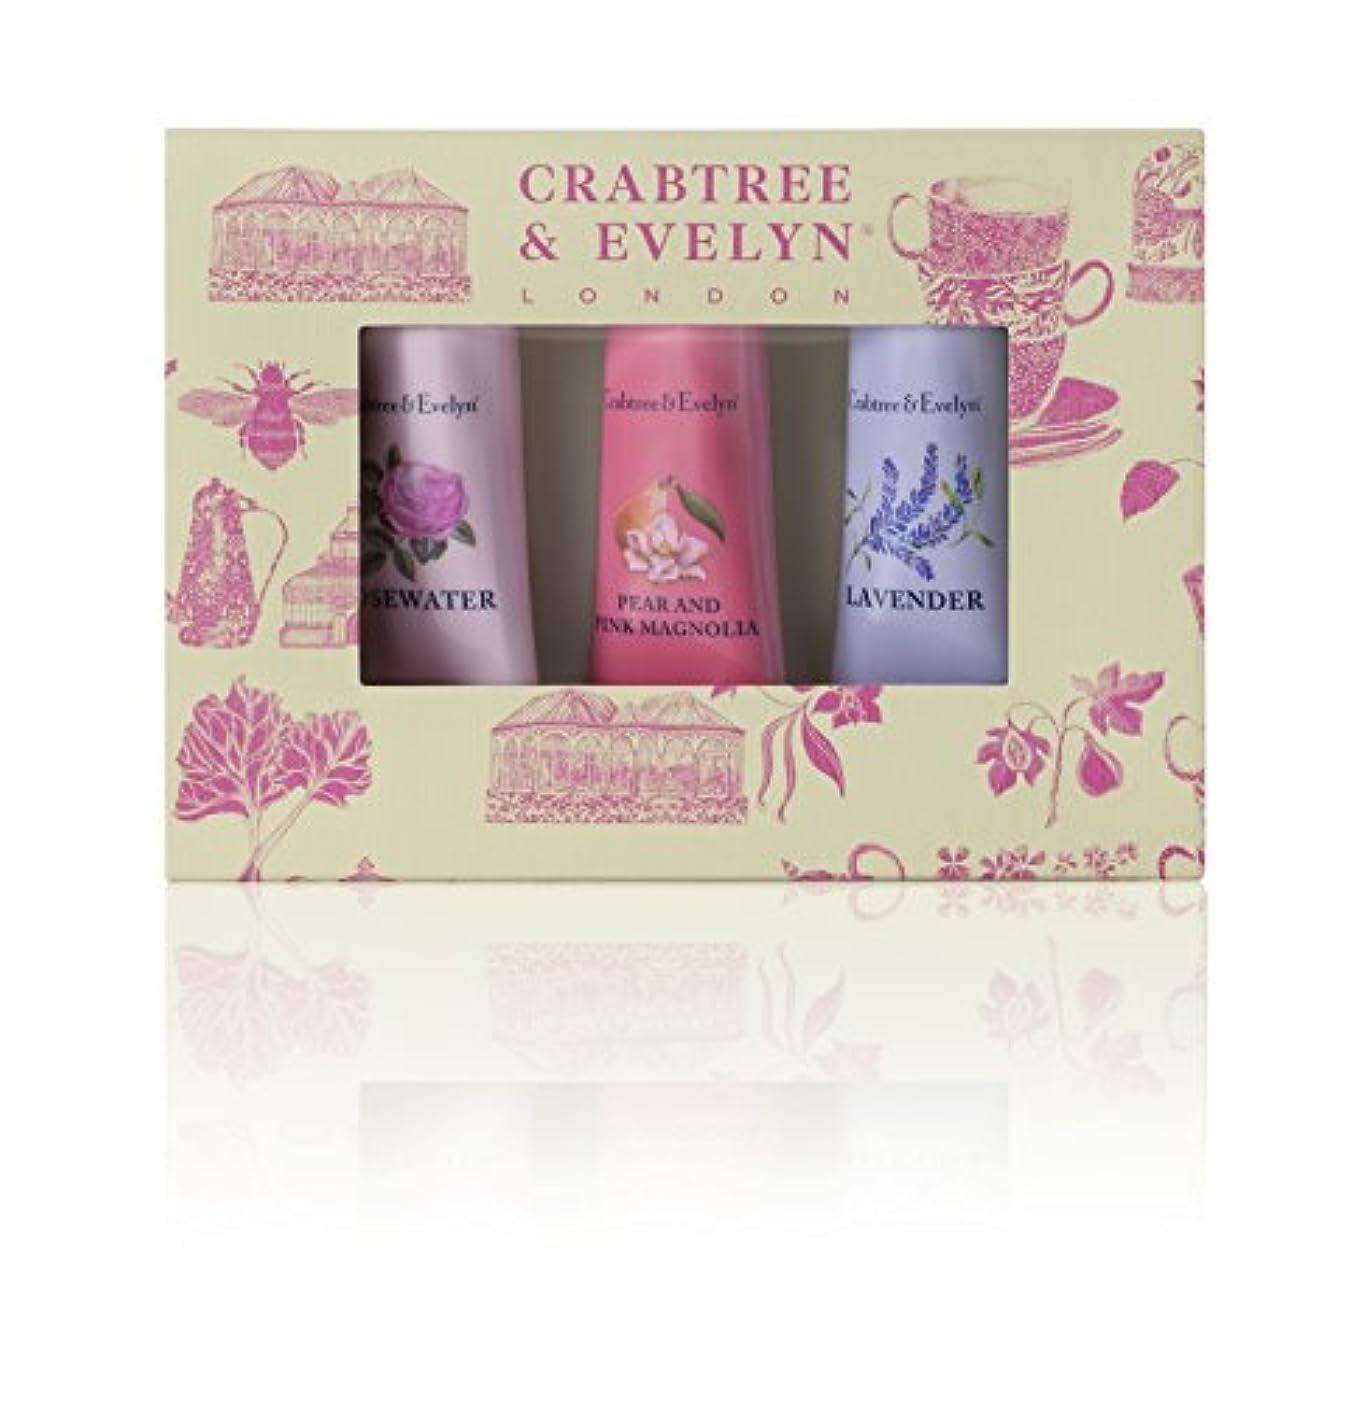 インカ帝国修士号傾斜クラブツリー&イヴリン Florals Hand Therapy Set (1x Pear & Pink Magnolia, 1x Rosewater, 1x Lavender) 3x25g/0.9oz並行輸入品